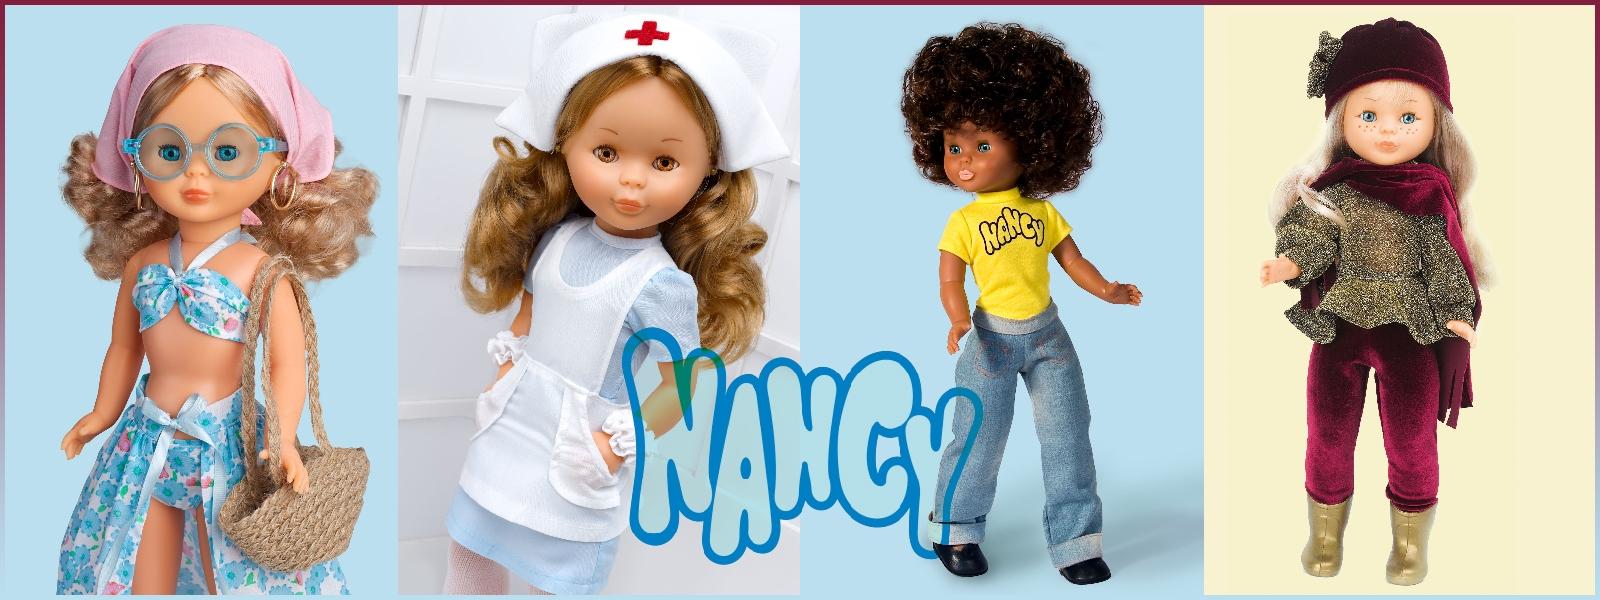 Nancy Brinquedos Centroxogo online